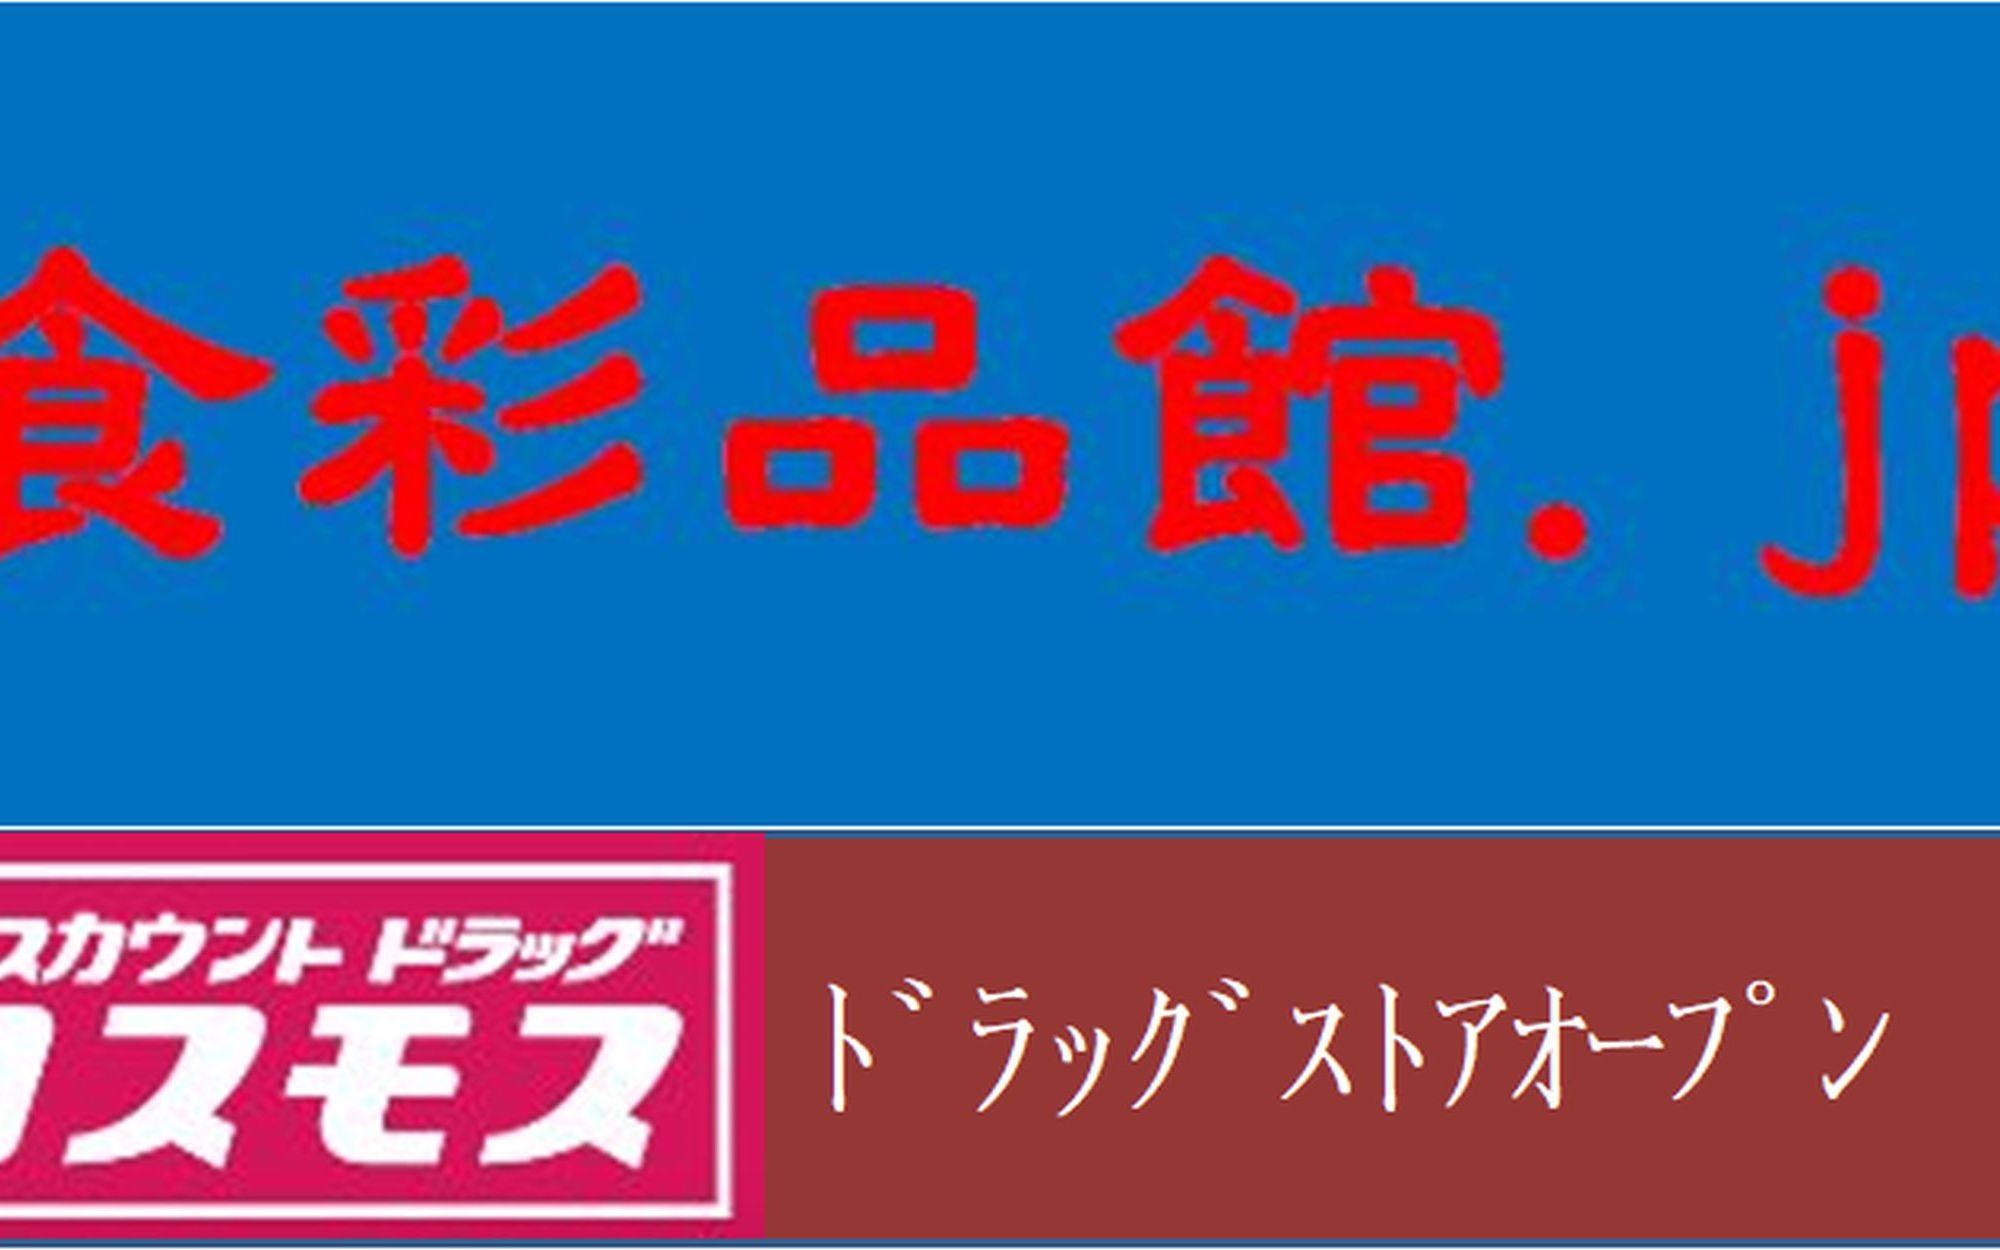 ドラッグコスモス下南部店(熊本市)2020年2月28日オープン予定で大店立地届出